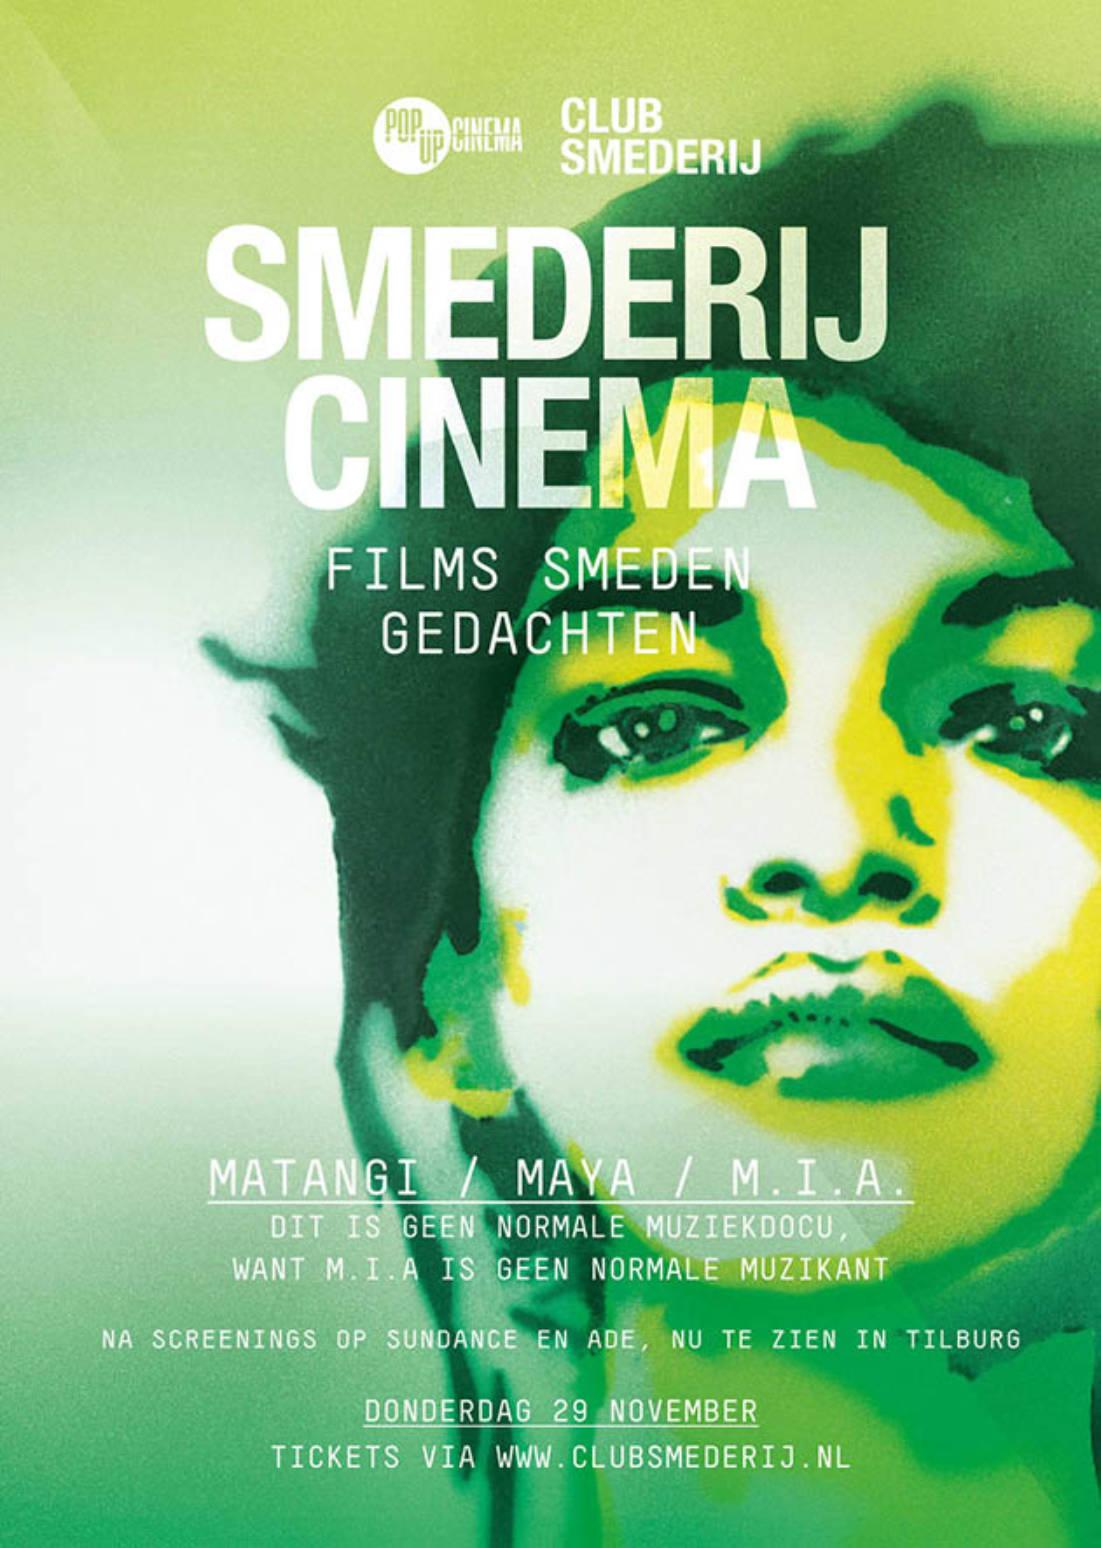 Smederij Cinema – MATANGI /MAYA / M.I.A.